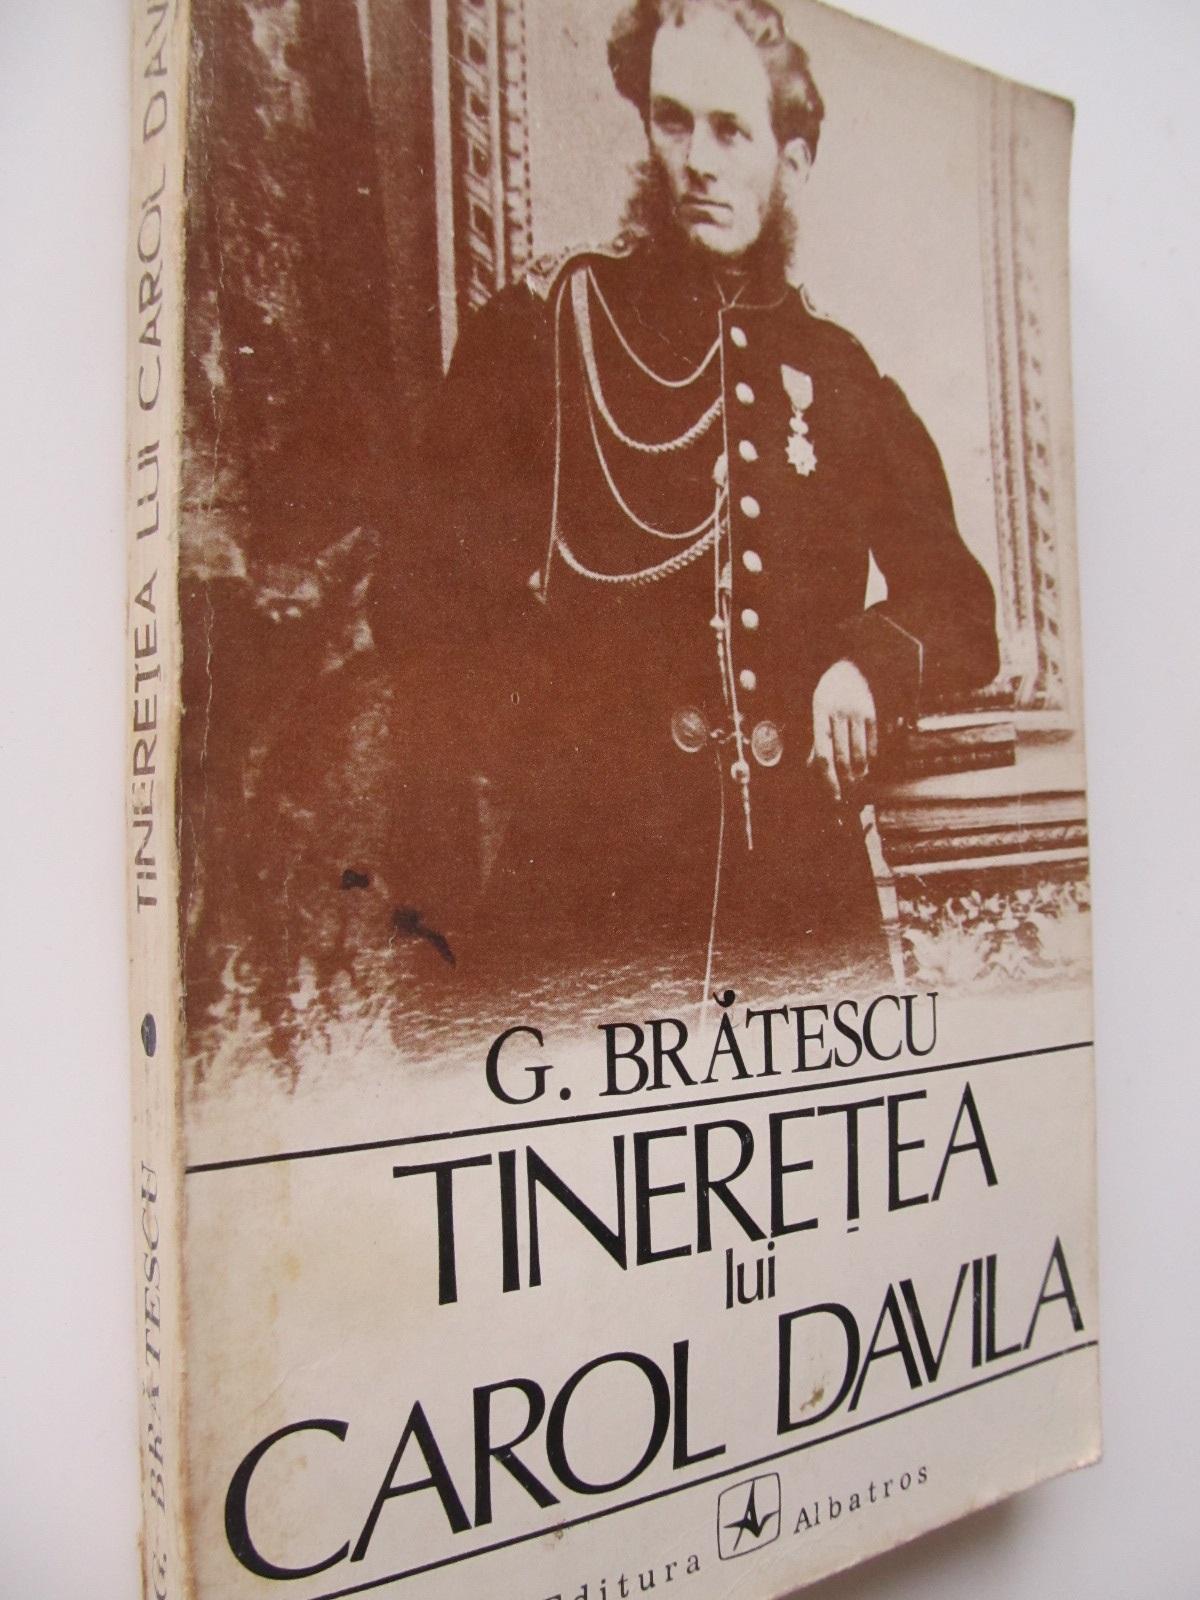 Carte Tineretea lui Carol Davila - G. Bratescu